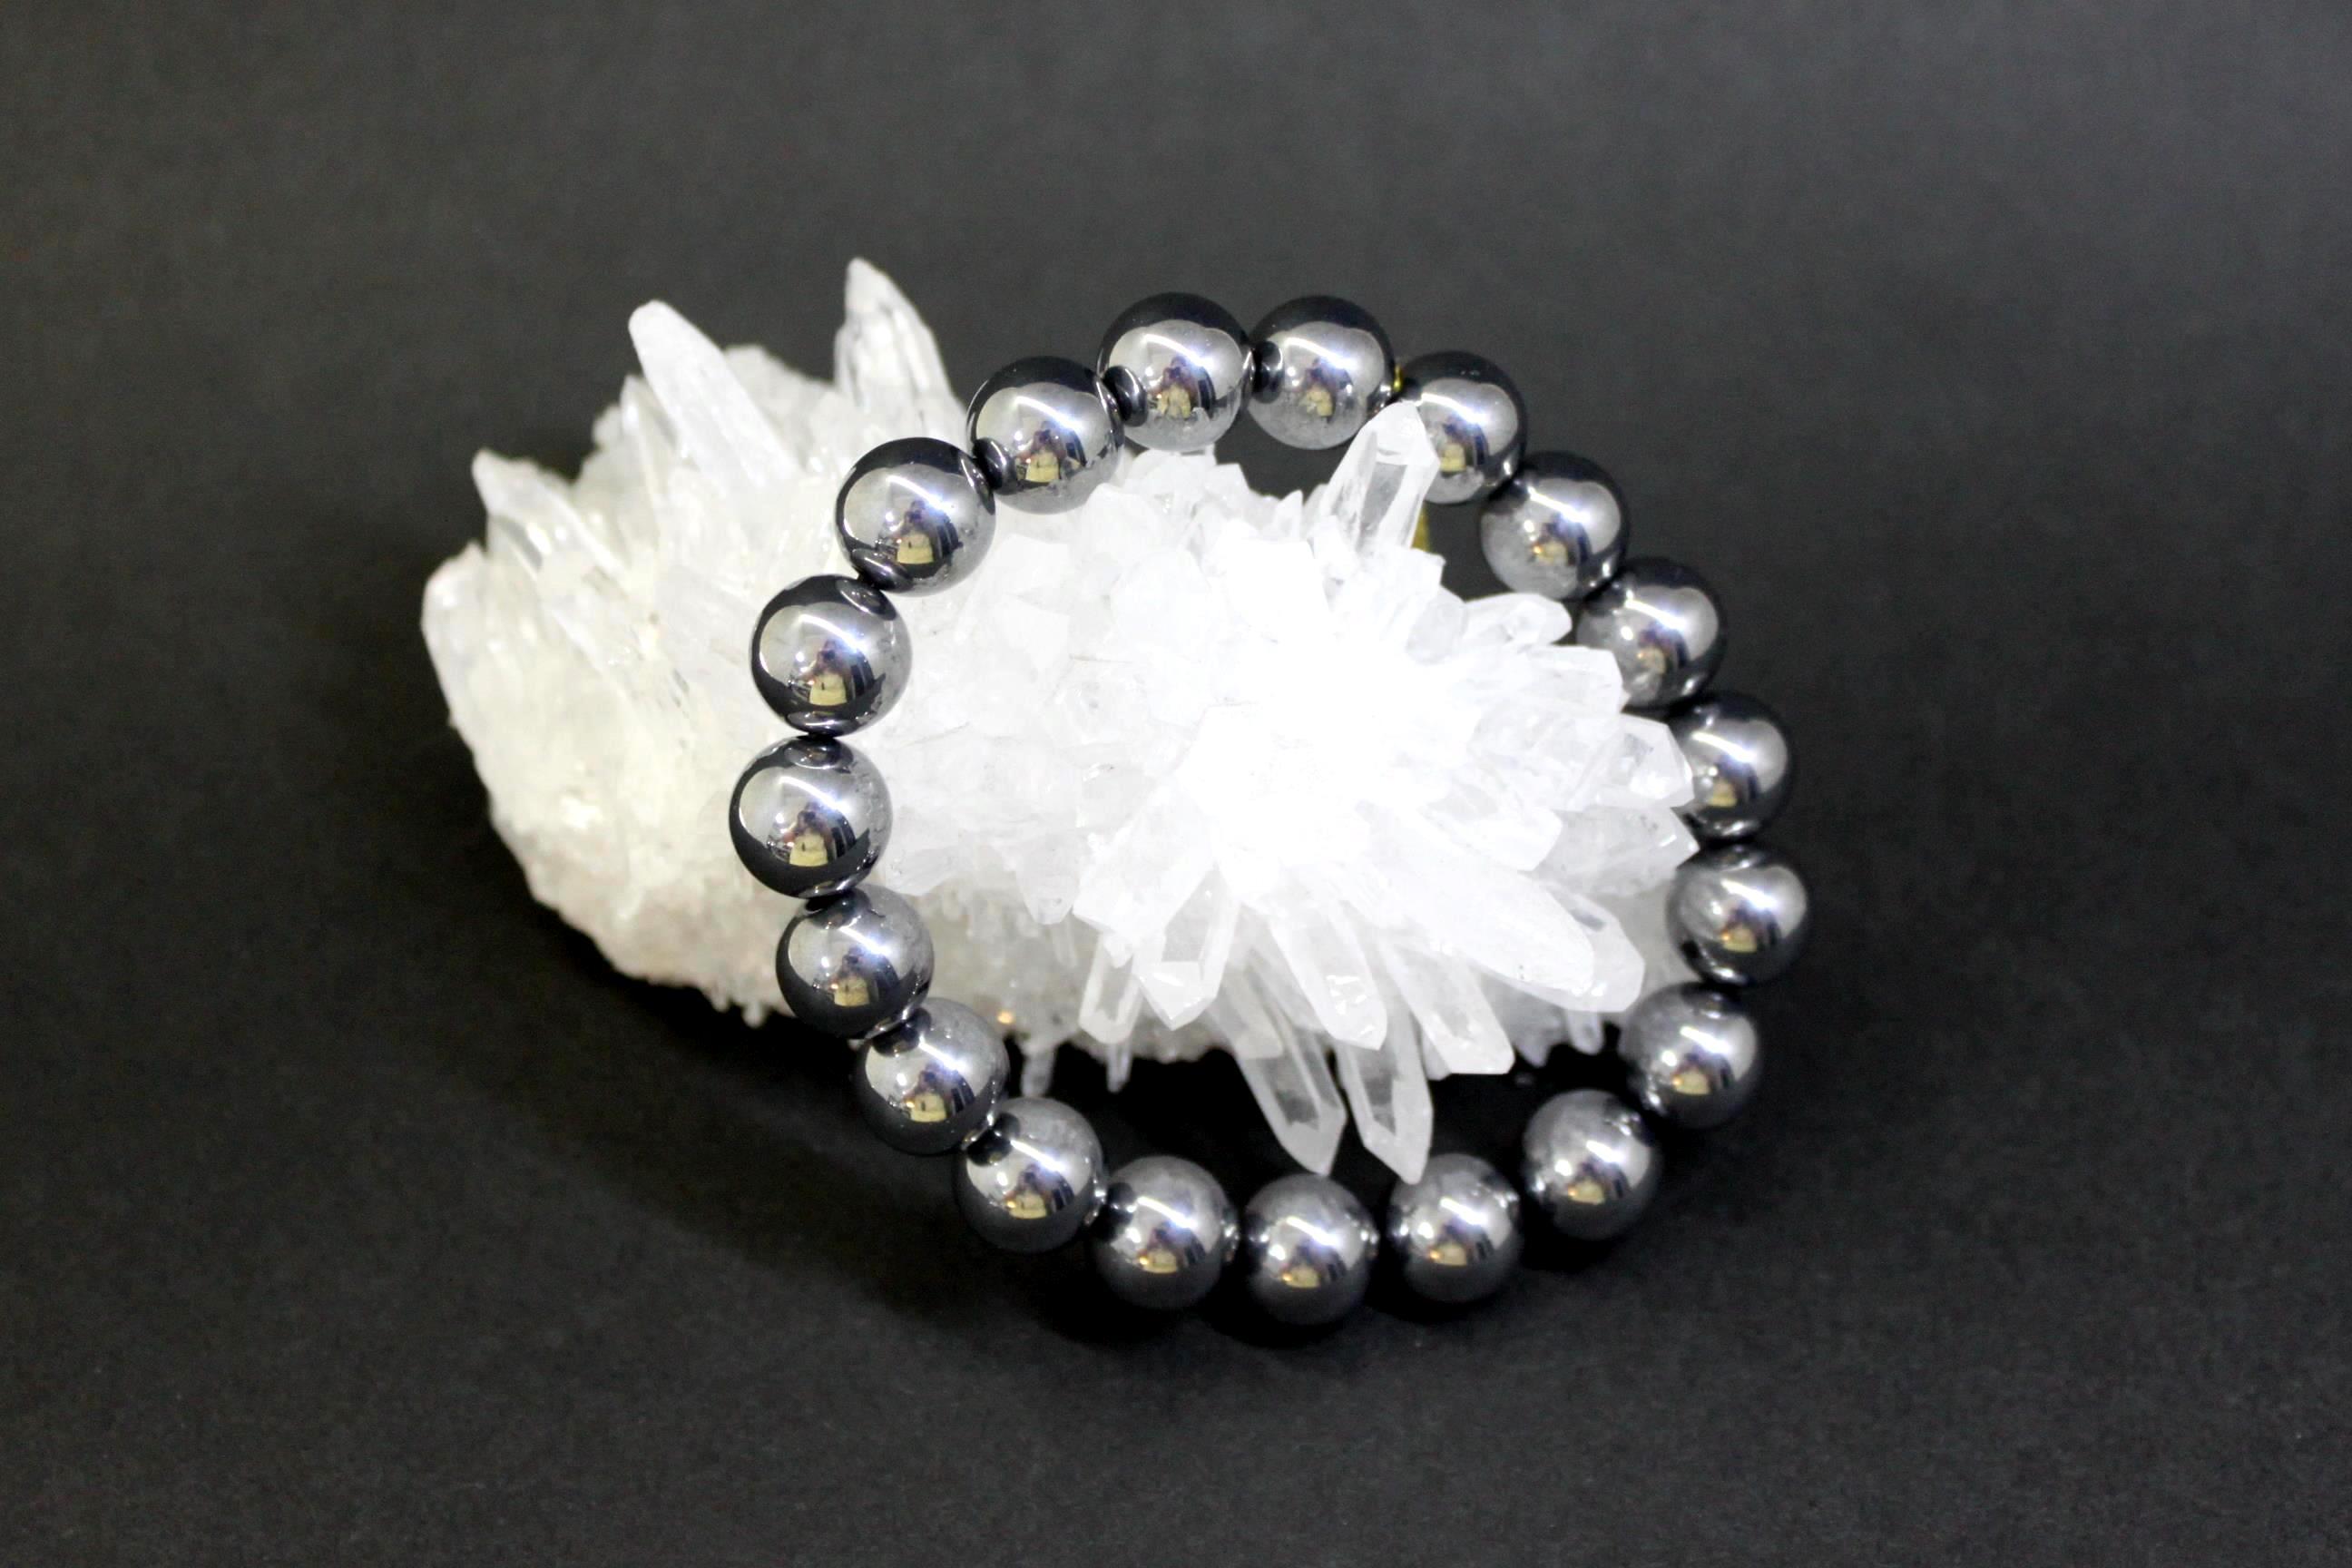 テラヘルツ鉱石 丸玉ブレスレット8ミリ